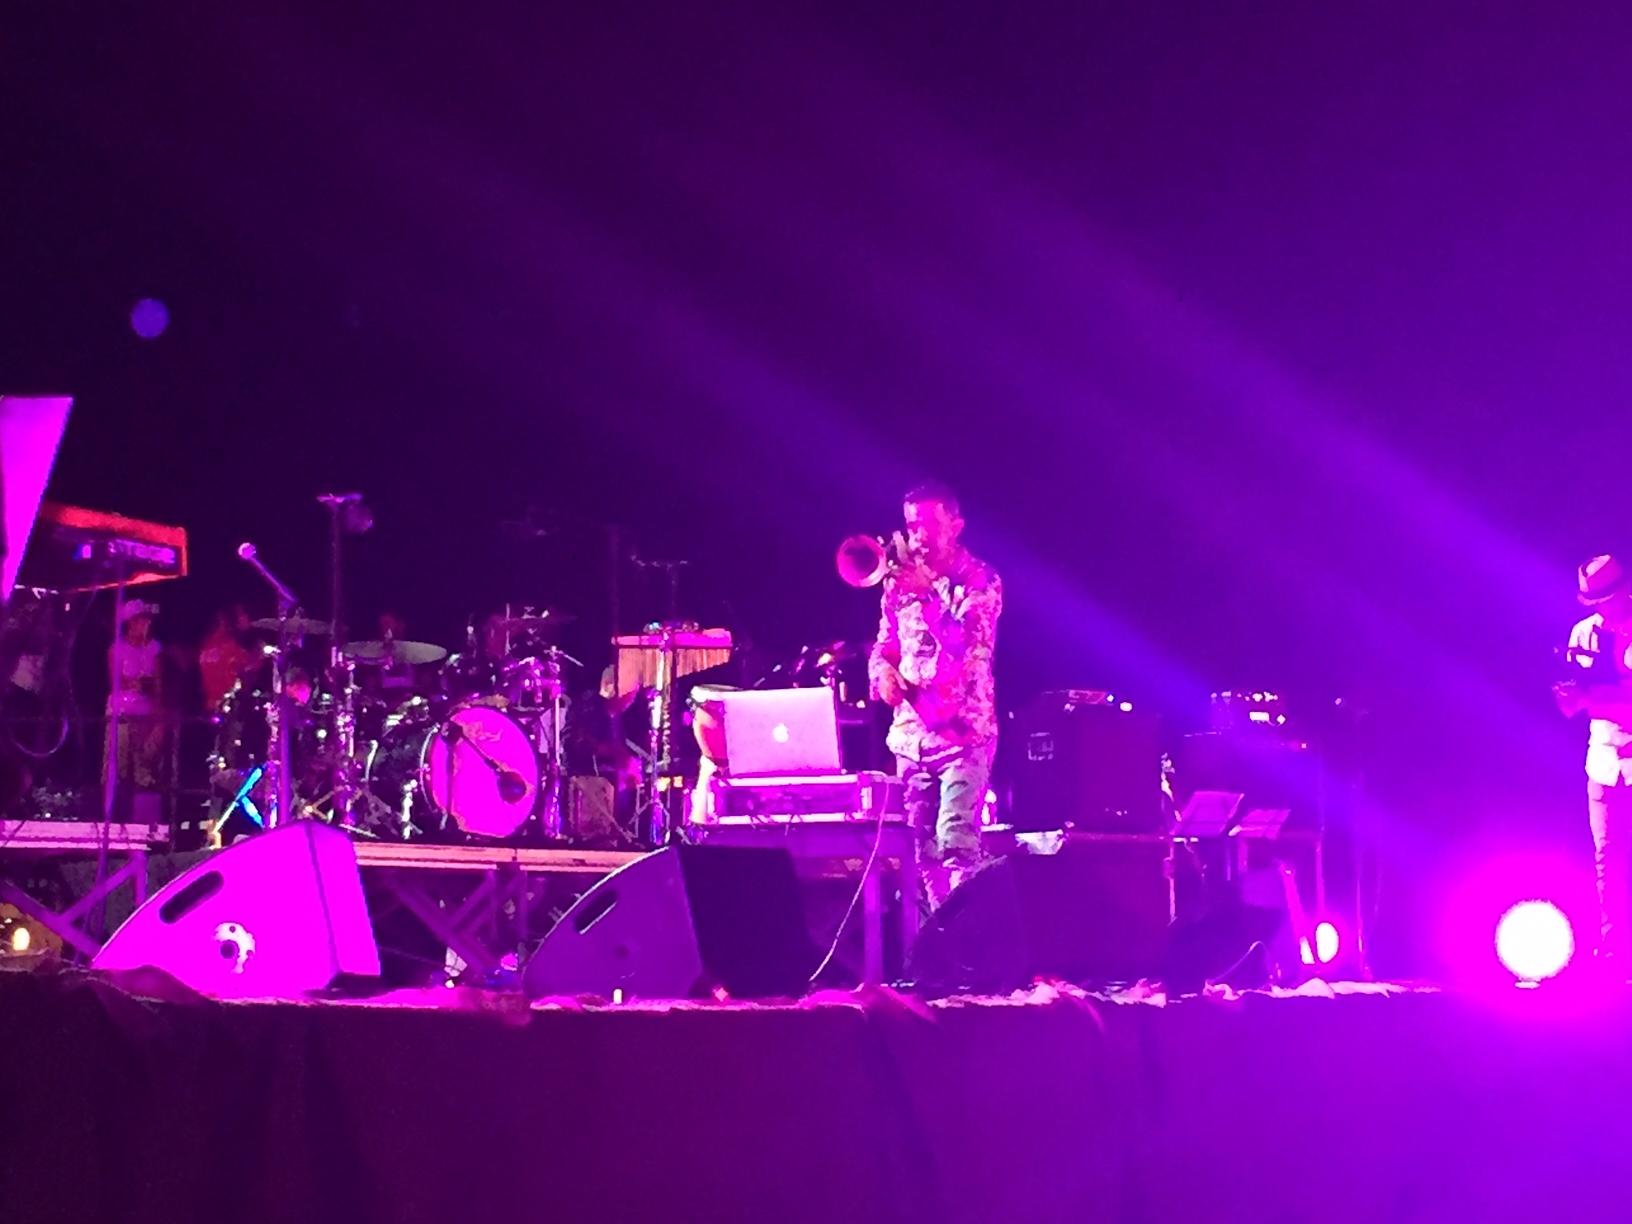 Paolo Fresu al Concerto per Andrea Parodi Balai 23 agosto 2016. Una folla immensa in una Notte di Stelle a Balai dove tantissimi artisti hanno cantato in ricordo di Andrea Parodi a 10 anni dalla sua scomparsa.